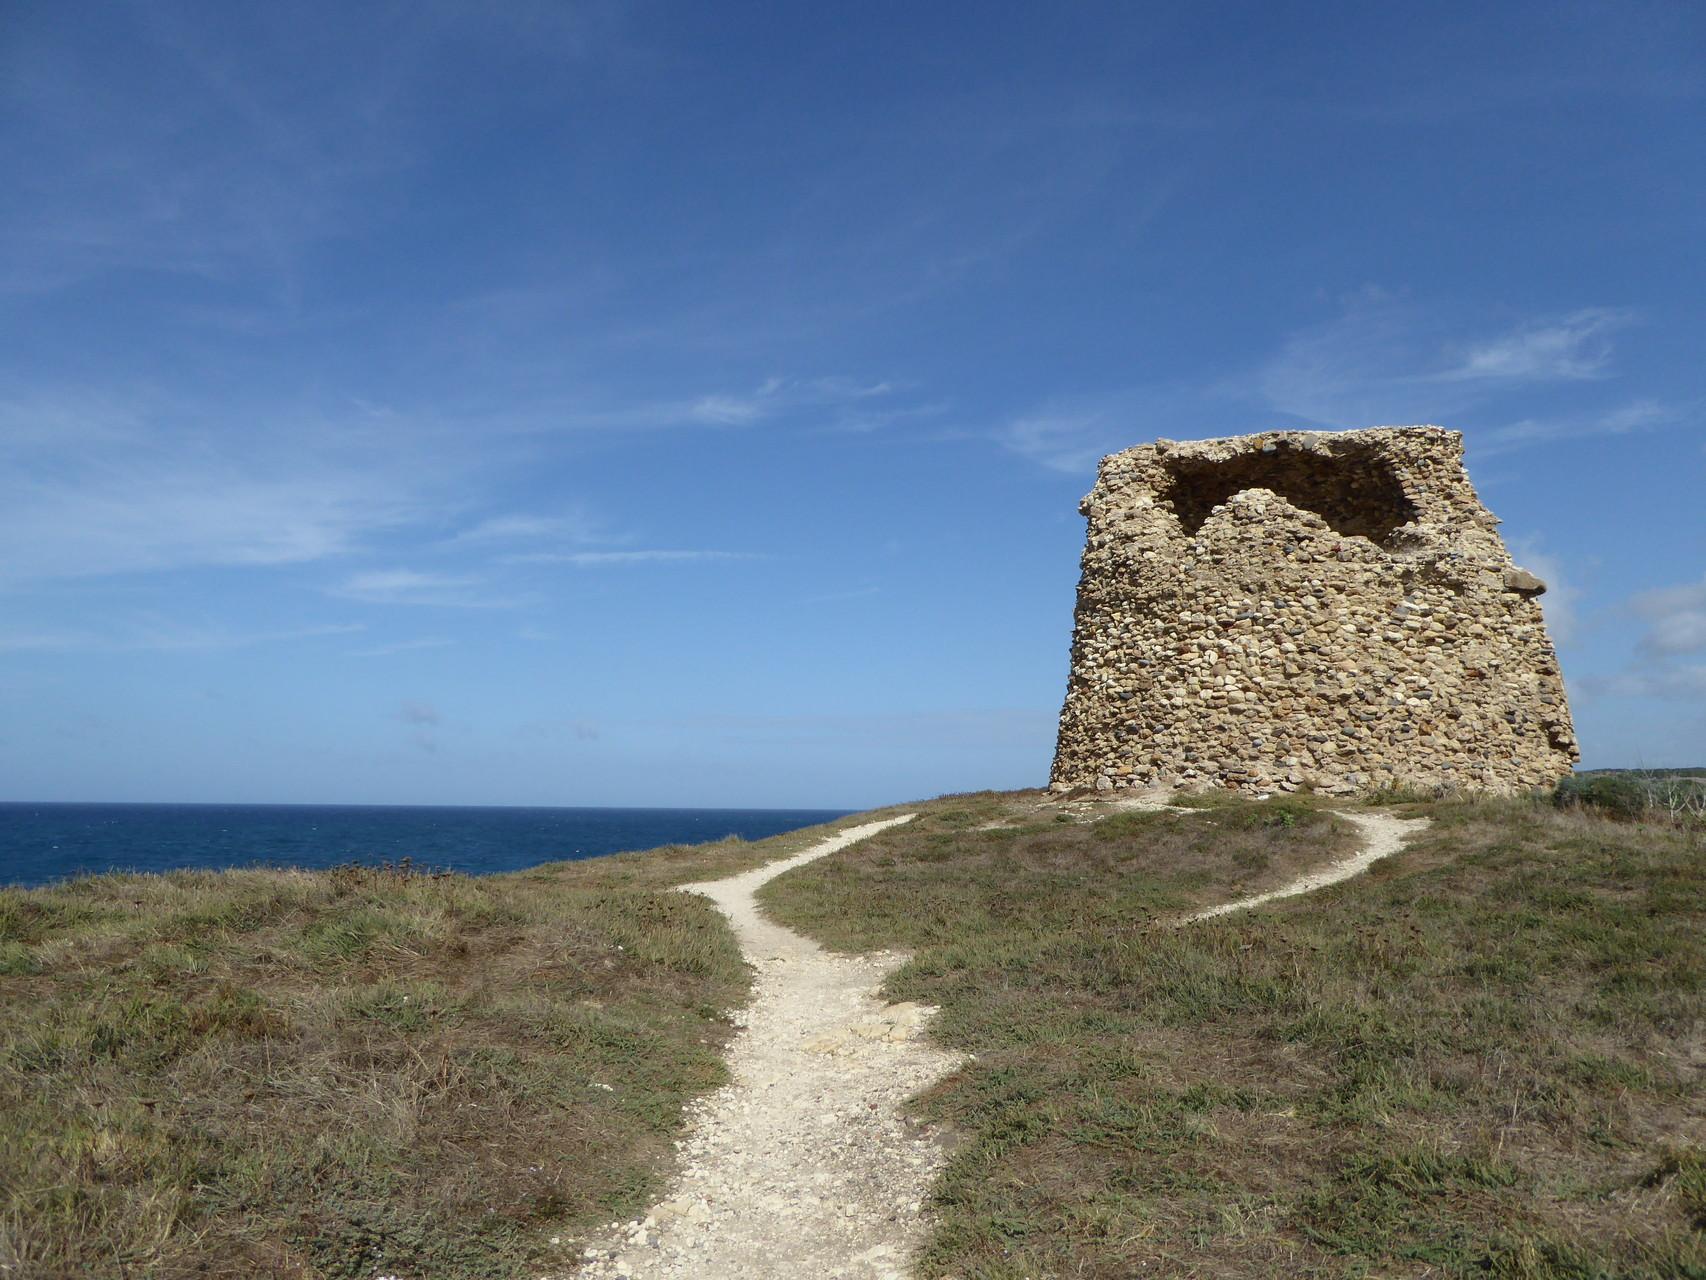 Eine der vielen Nuraghen der Insel. Und schon wieder ist es traumhaft schön. Verdammt :-).